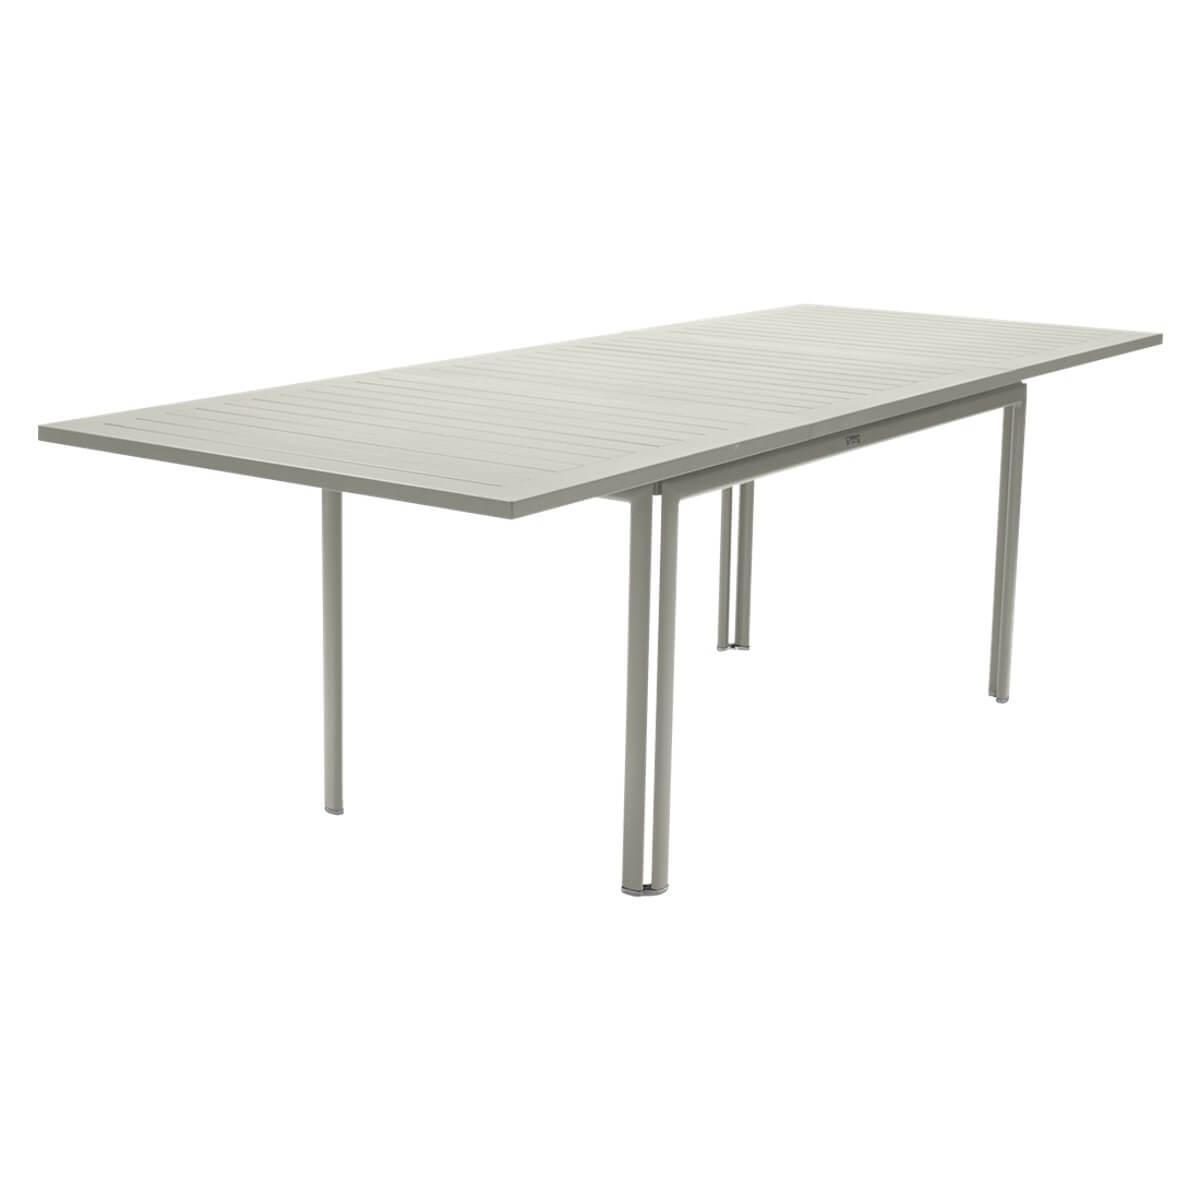 Table à rallonge 90x160/240cm COSTA Fermob gris argile